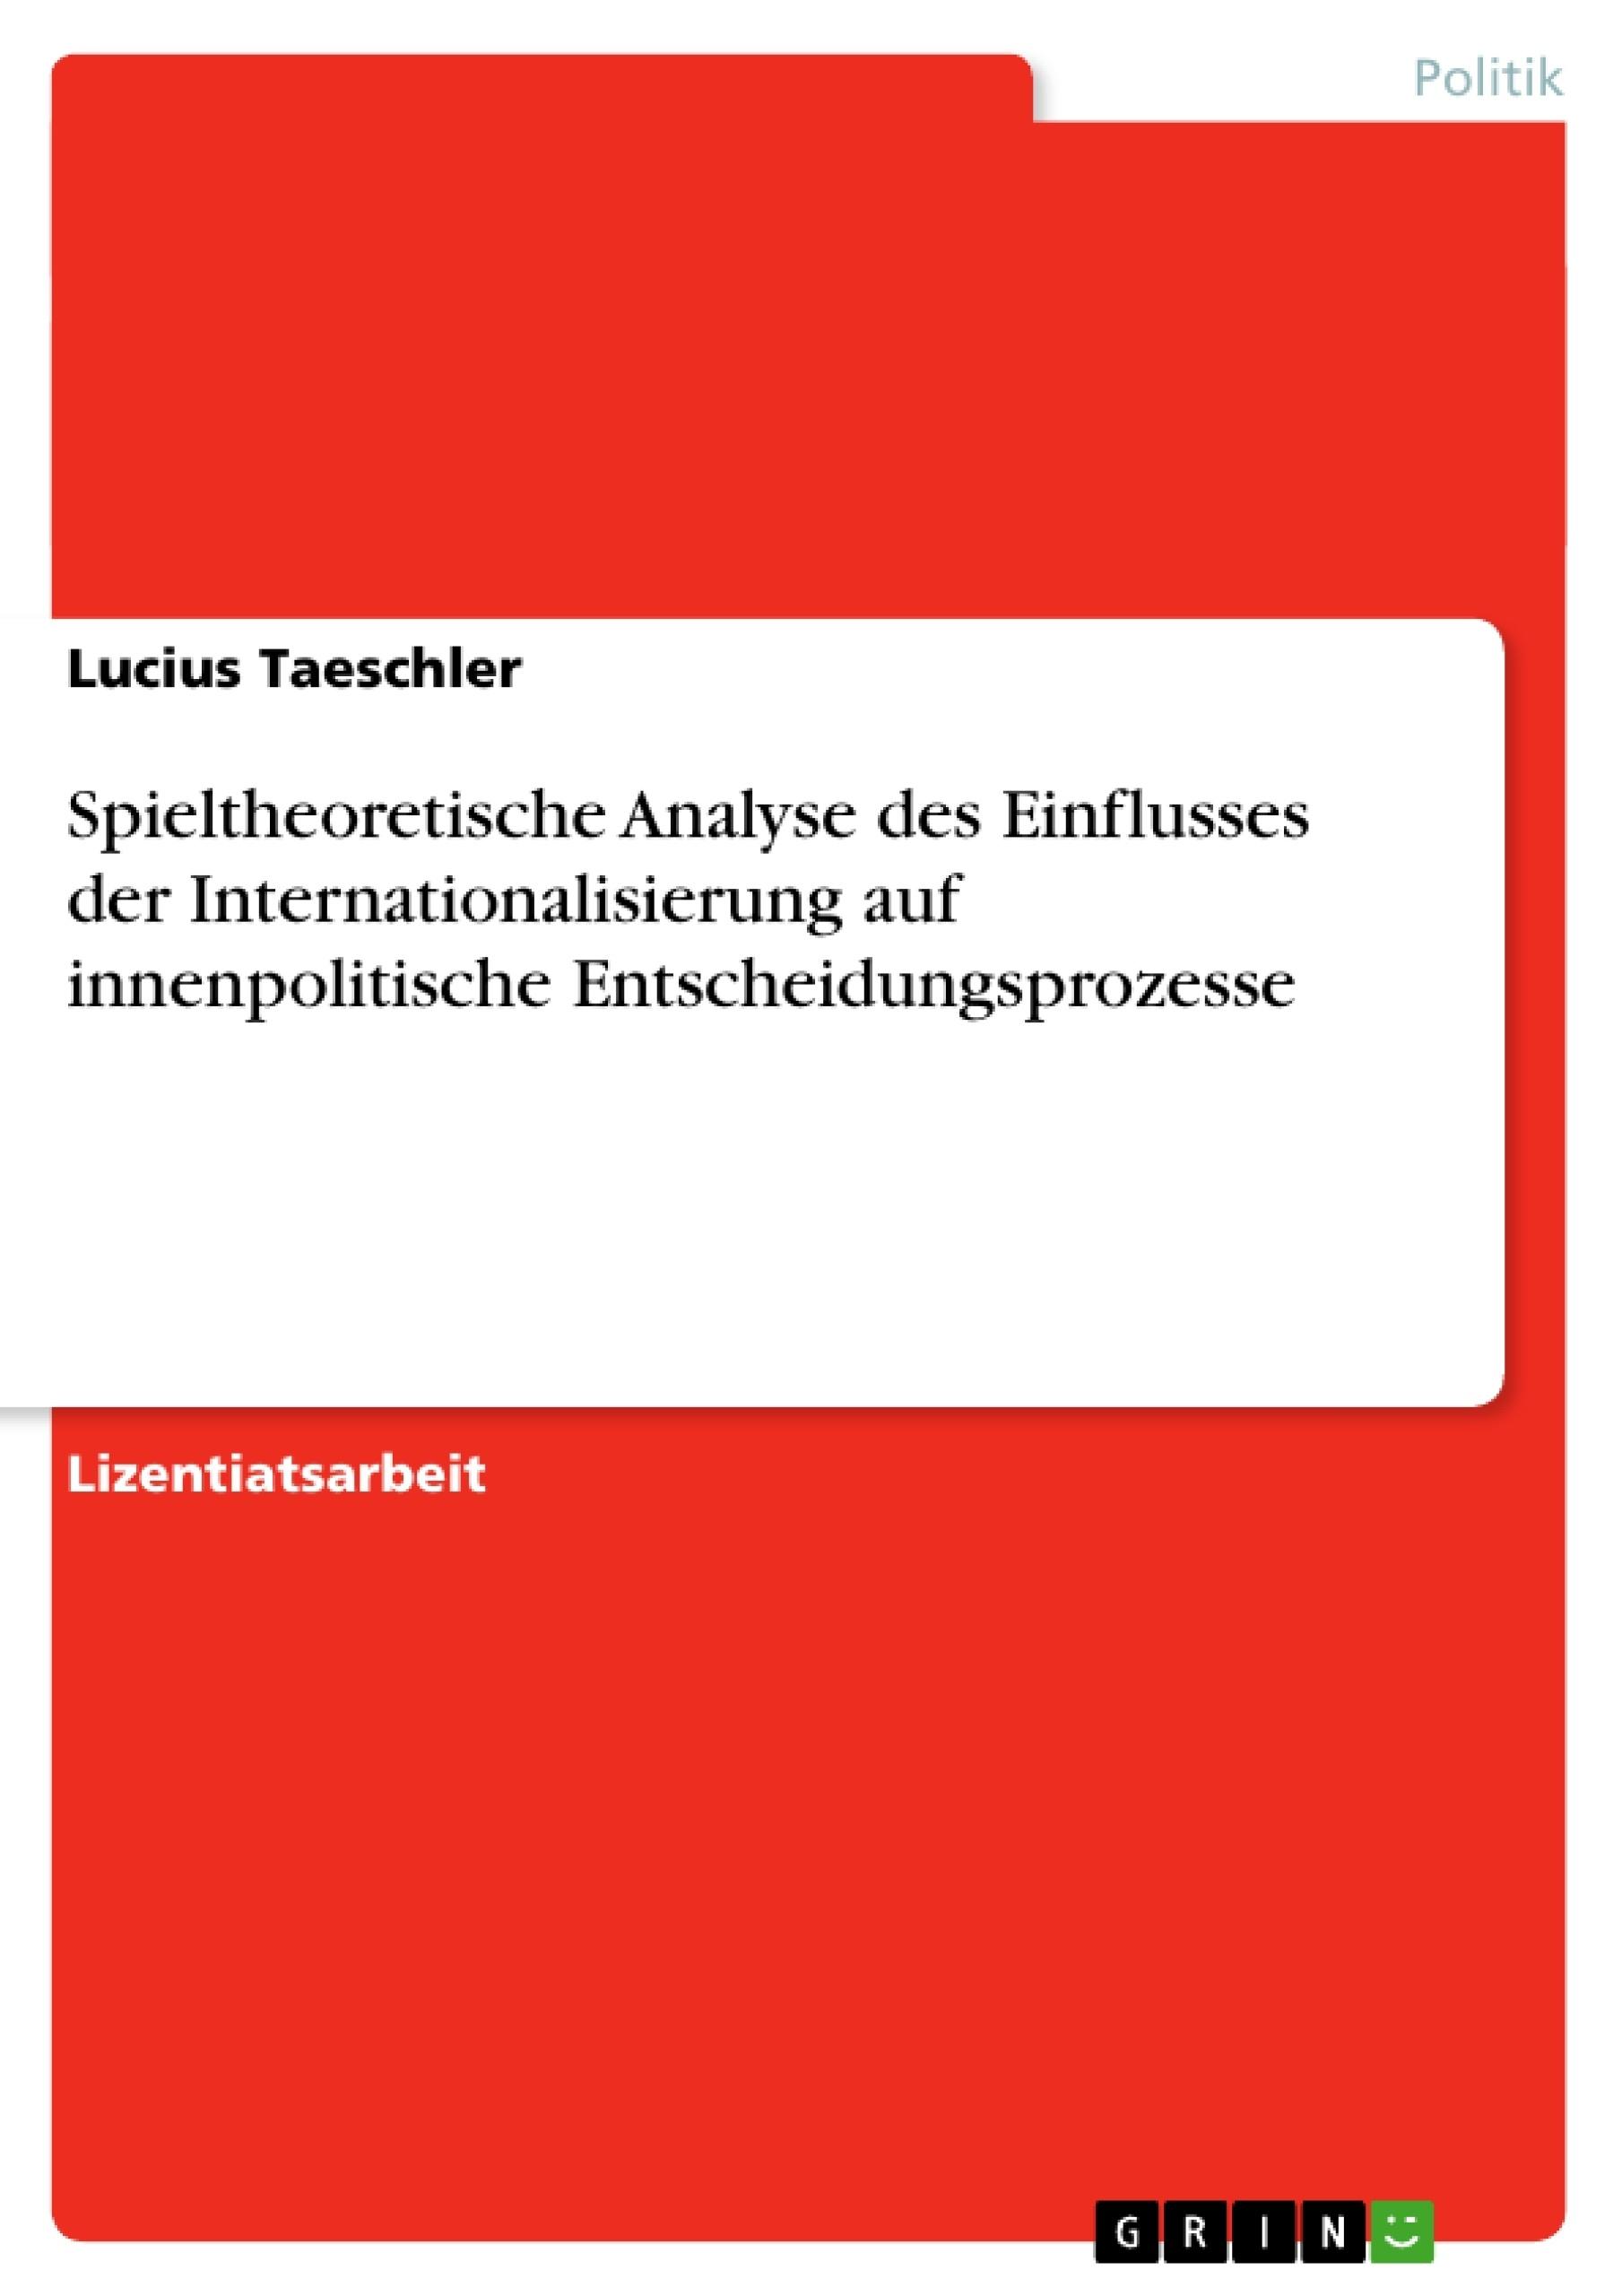 Titel: Spieltheoretische Analyse des Einflusses der Internationalisierung auf innenpolitische Entscheidungsprozesse